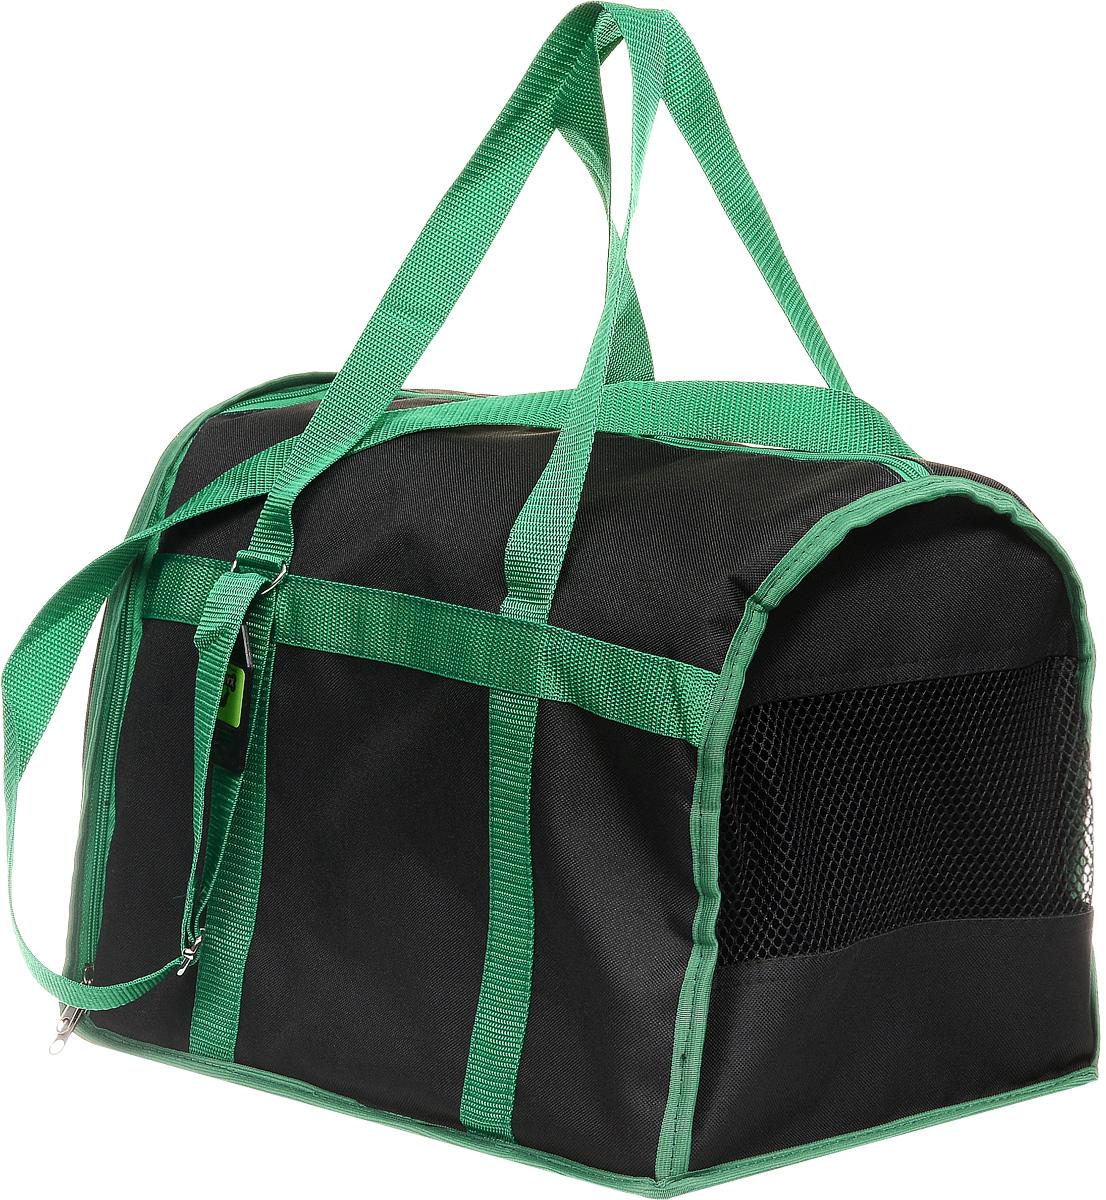 Сумка-переноска для животных Каскад Спорт, цвет: черный, зеленый, 40 х 28 х 29 смCA-3505Текстильная сумка-переноска Каскад Спорт для собакмелких пород и кошек имеет твердое основание, которое непозволит животному провисать. С одной стороны переноскиимеется специальная сетчатая вставка, чтобы ваш любимец могдышать. С другой стороны сумка закрывается на застежку-молнию. В верхней части изделия есть застежка-молния, открывающая доступ в отделение для необходимых вам вещей.Для удобной переноски у сумки имеются две ручки ирегулируемая лямка.При необходимости сумку можно сложить. Сумка-переноска Каскад Спорт понравится вашимдомашним любимцам.